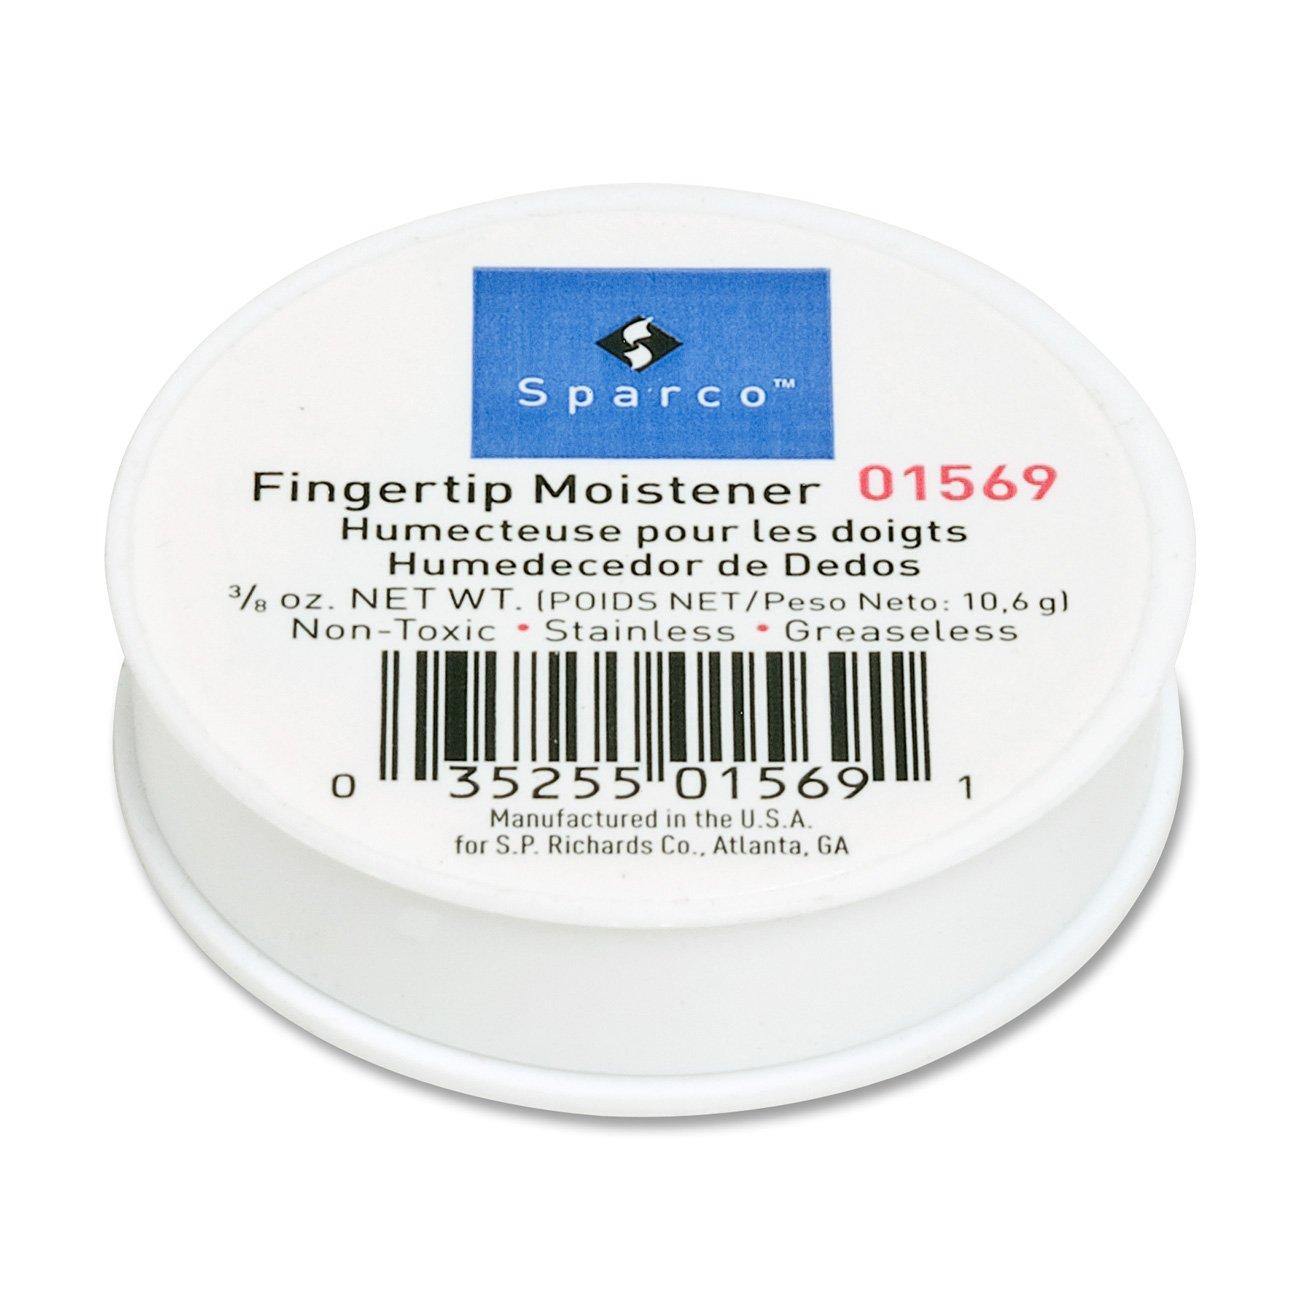 S.P. Richards Company Fingertip Moistener, Odorless, Greaseless, Hygienic, 3/8 oz. (SPR01569)